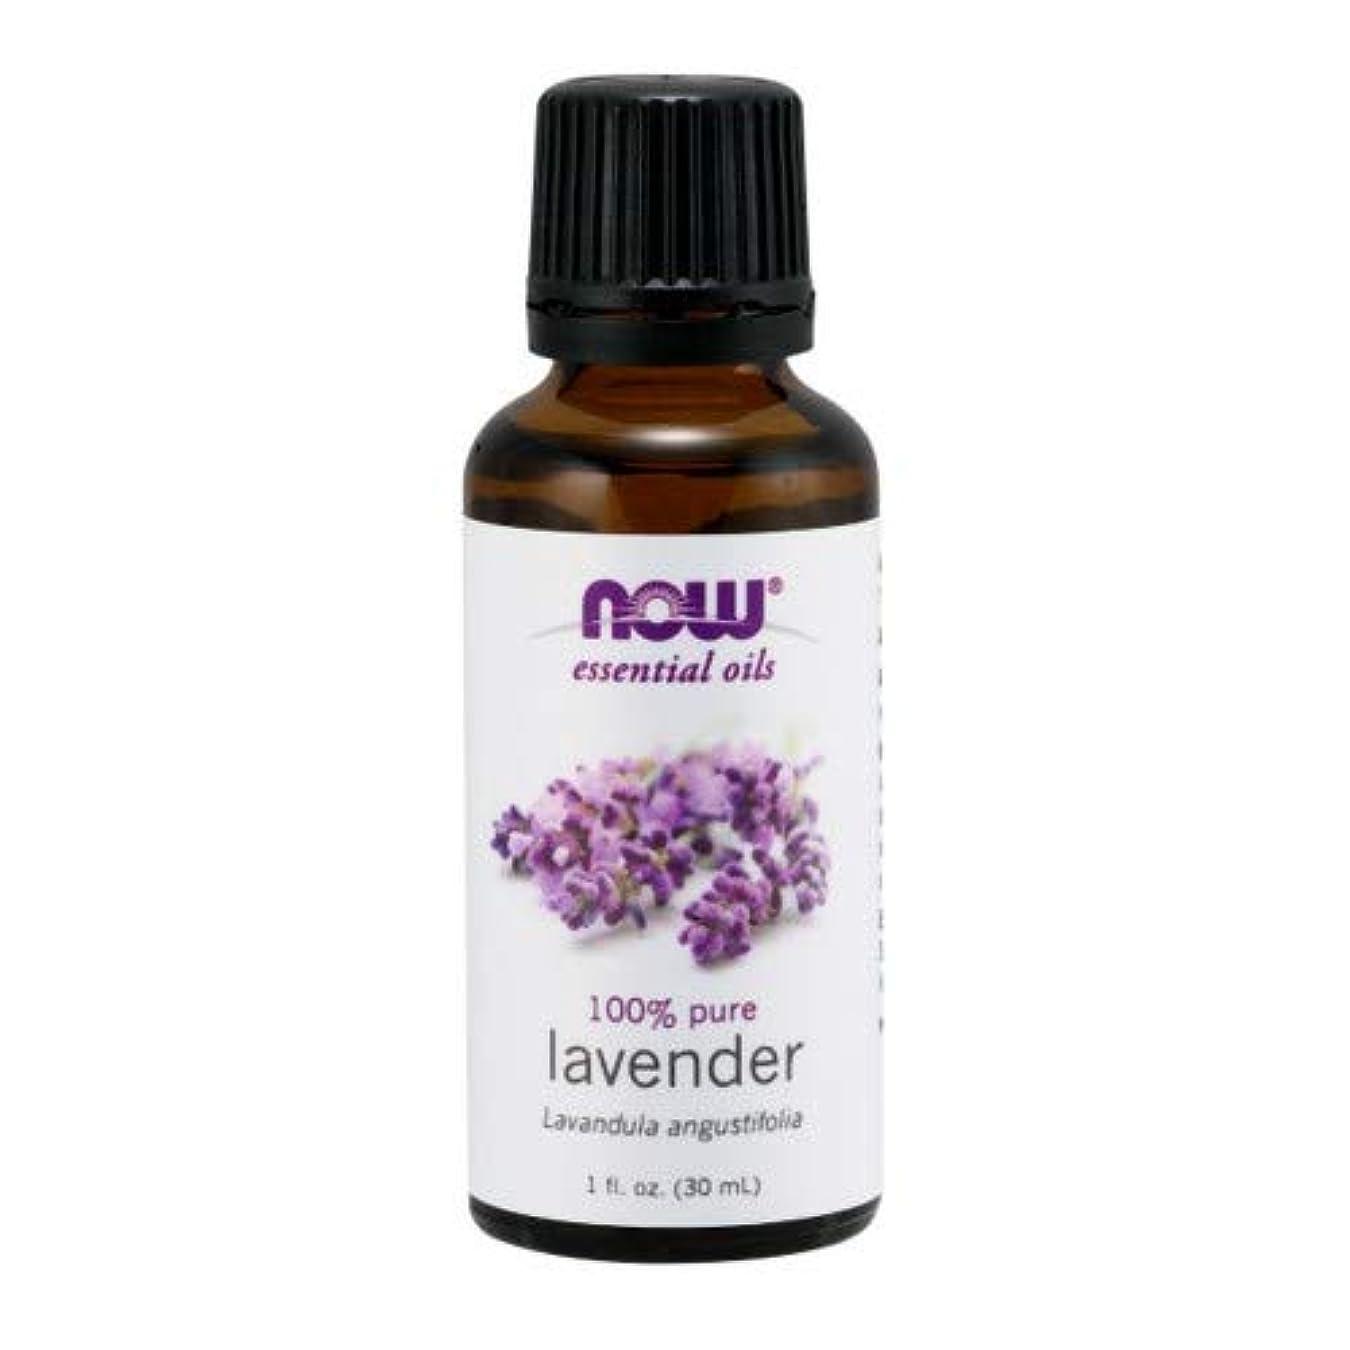 バース原理ガイダンスエッセンシャルオイル ラベンダーオイル 30ml 2個セット ナウフーズ 並行輸入品 NOW Foods Essential Oils Lavender 1 oz Pack of 2